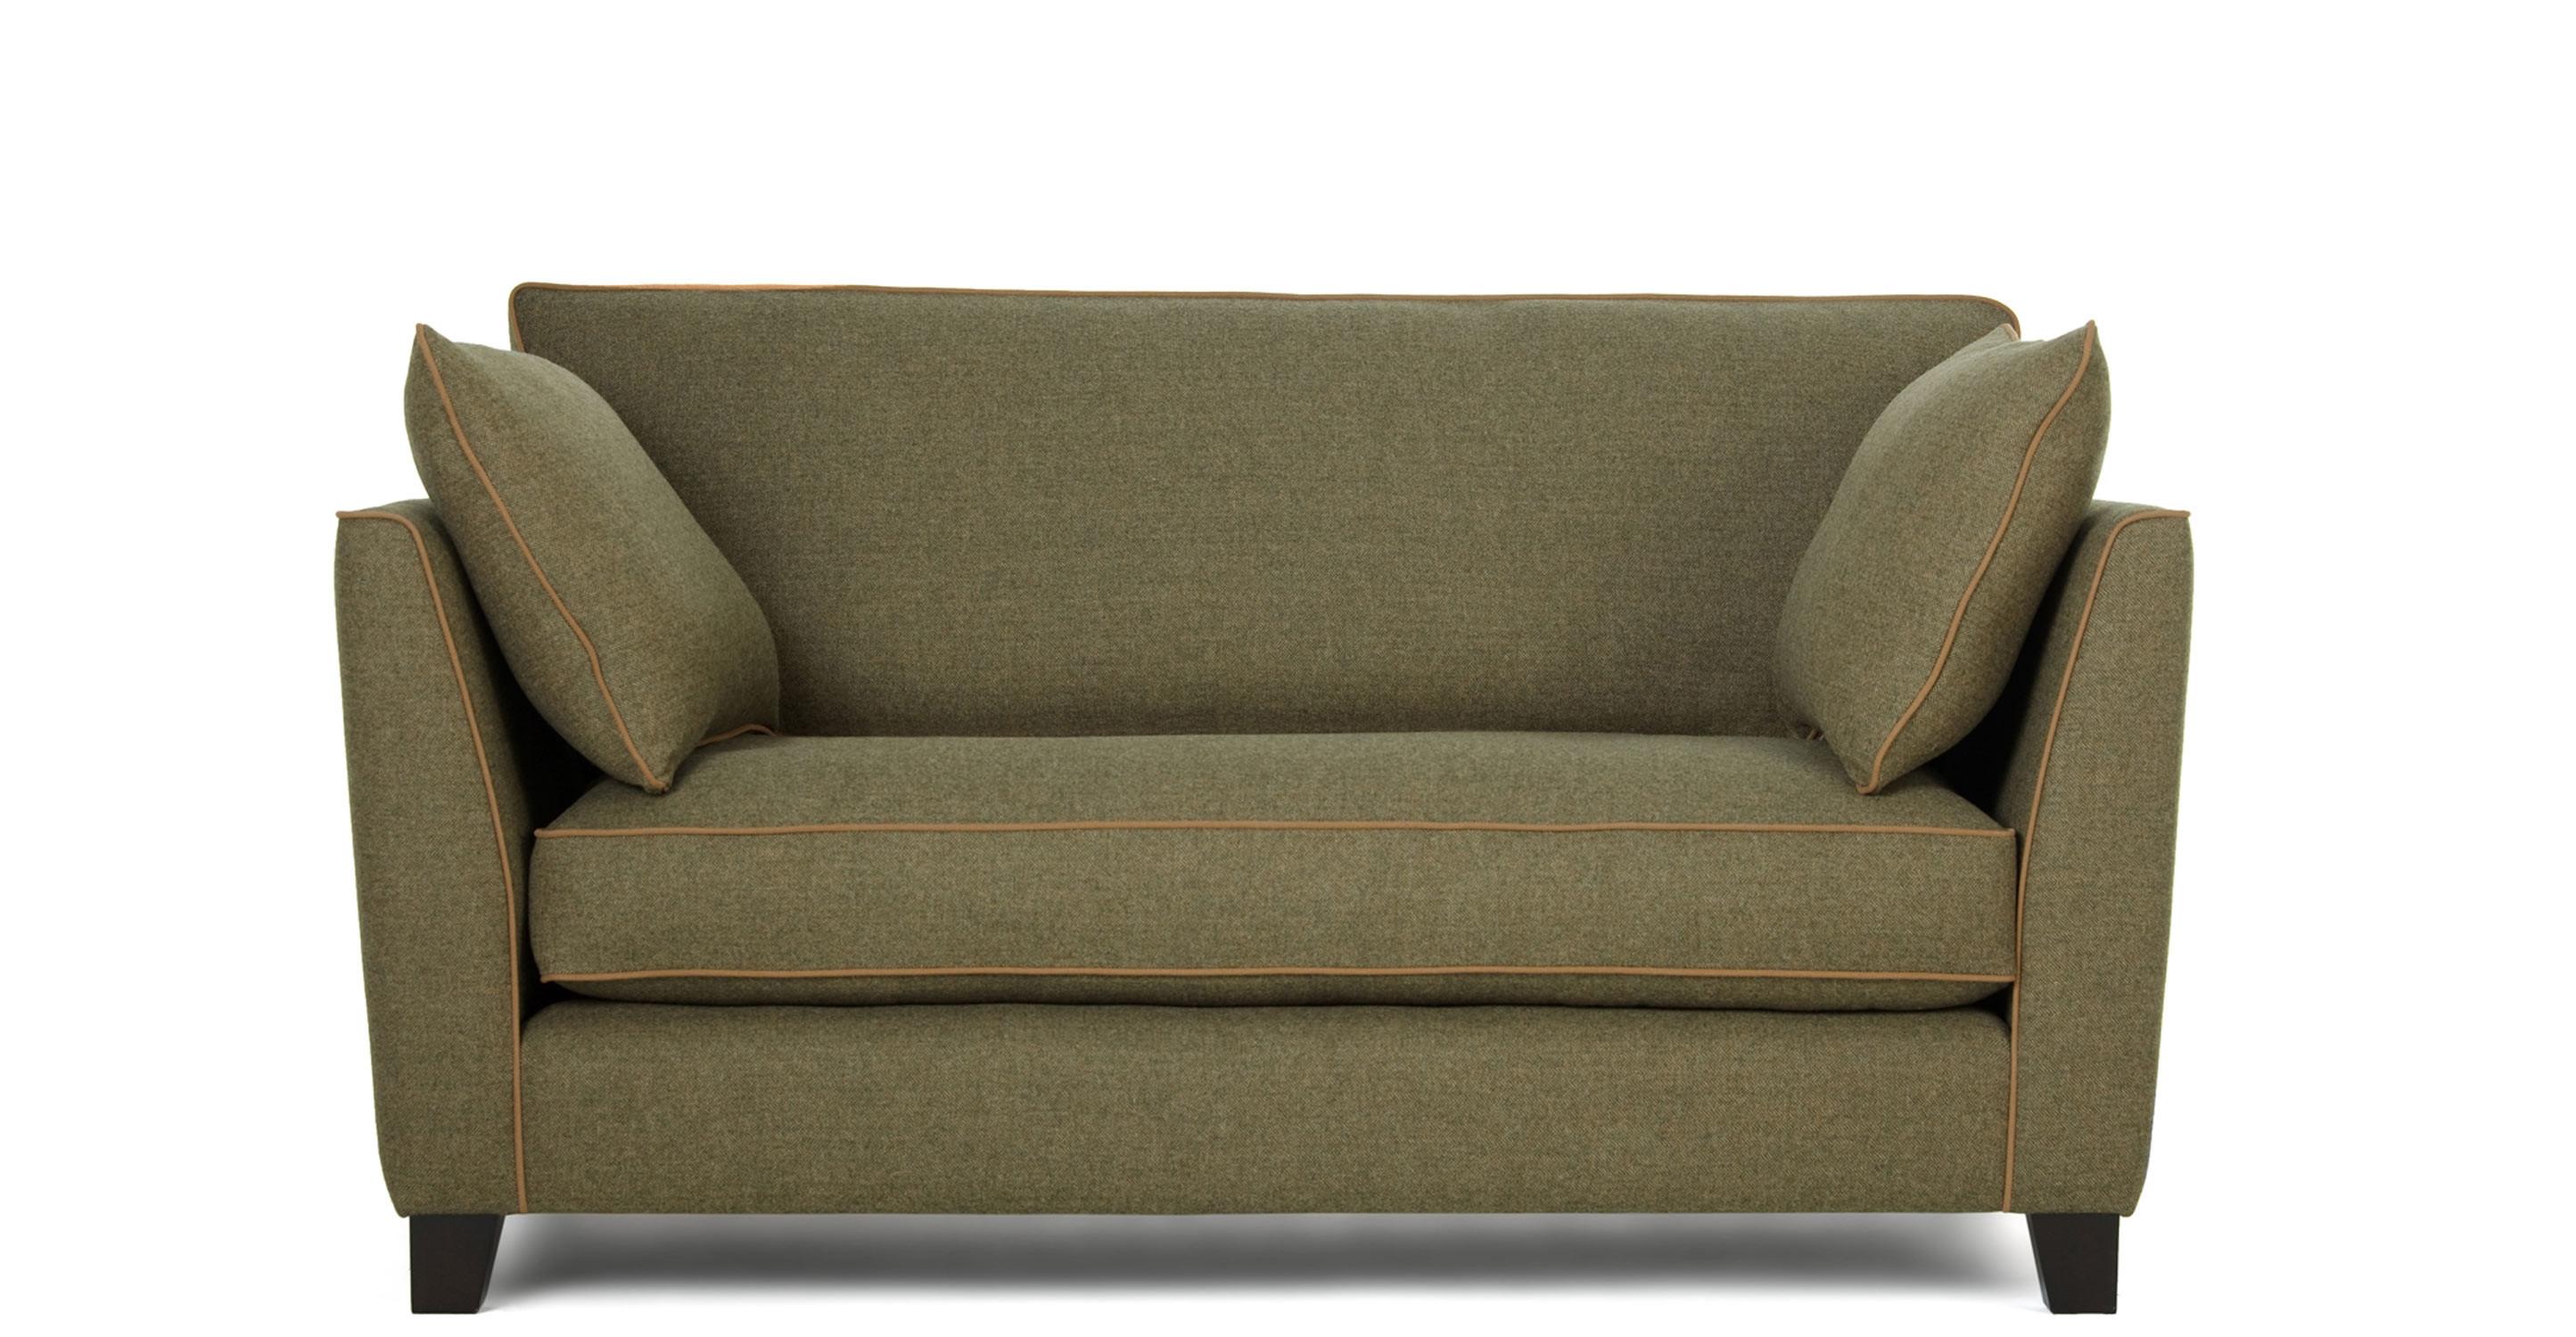 Sofas Center Stupendous Small Seater Sofa Image Concept Regarding Small 2 Seater Sofas (Image 13 of 15)